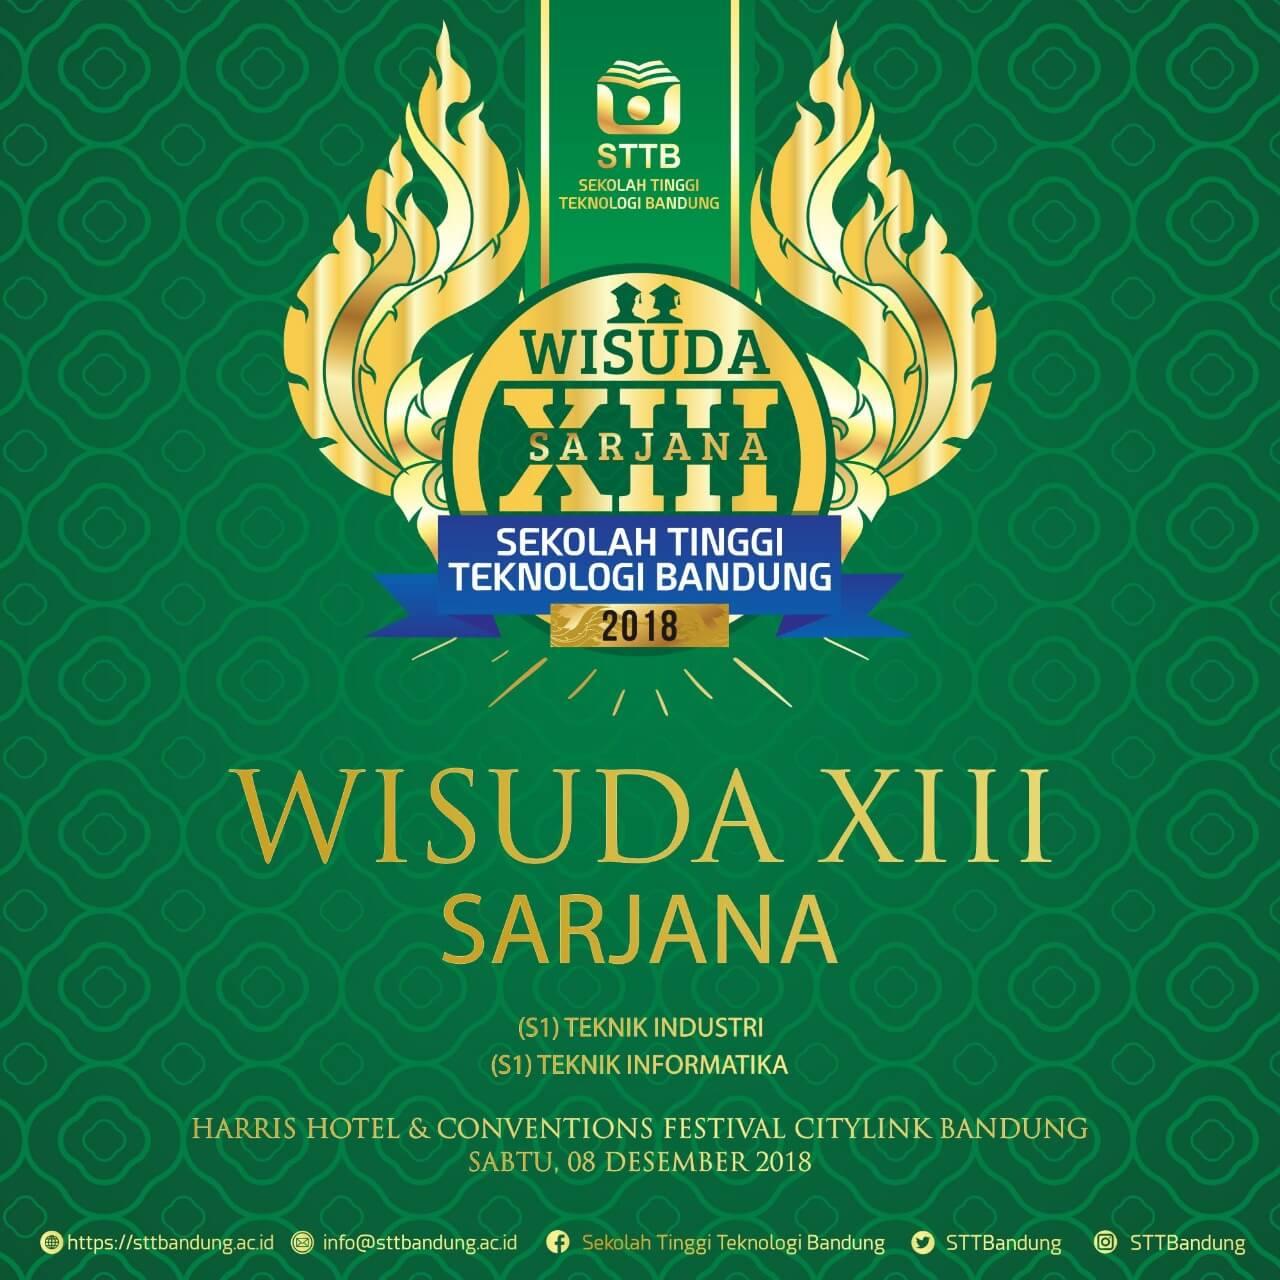 Wisuda Sarjana XIII Sekolah Tinggi Teknologi Bandung (STTB) 2018 – Srikanti dan Iin Menjadi Wisudawan Terbaik –